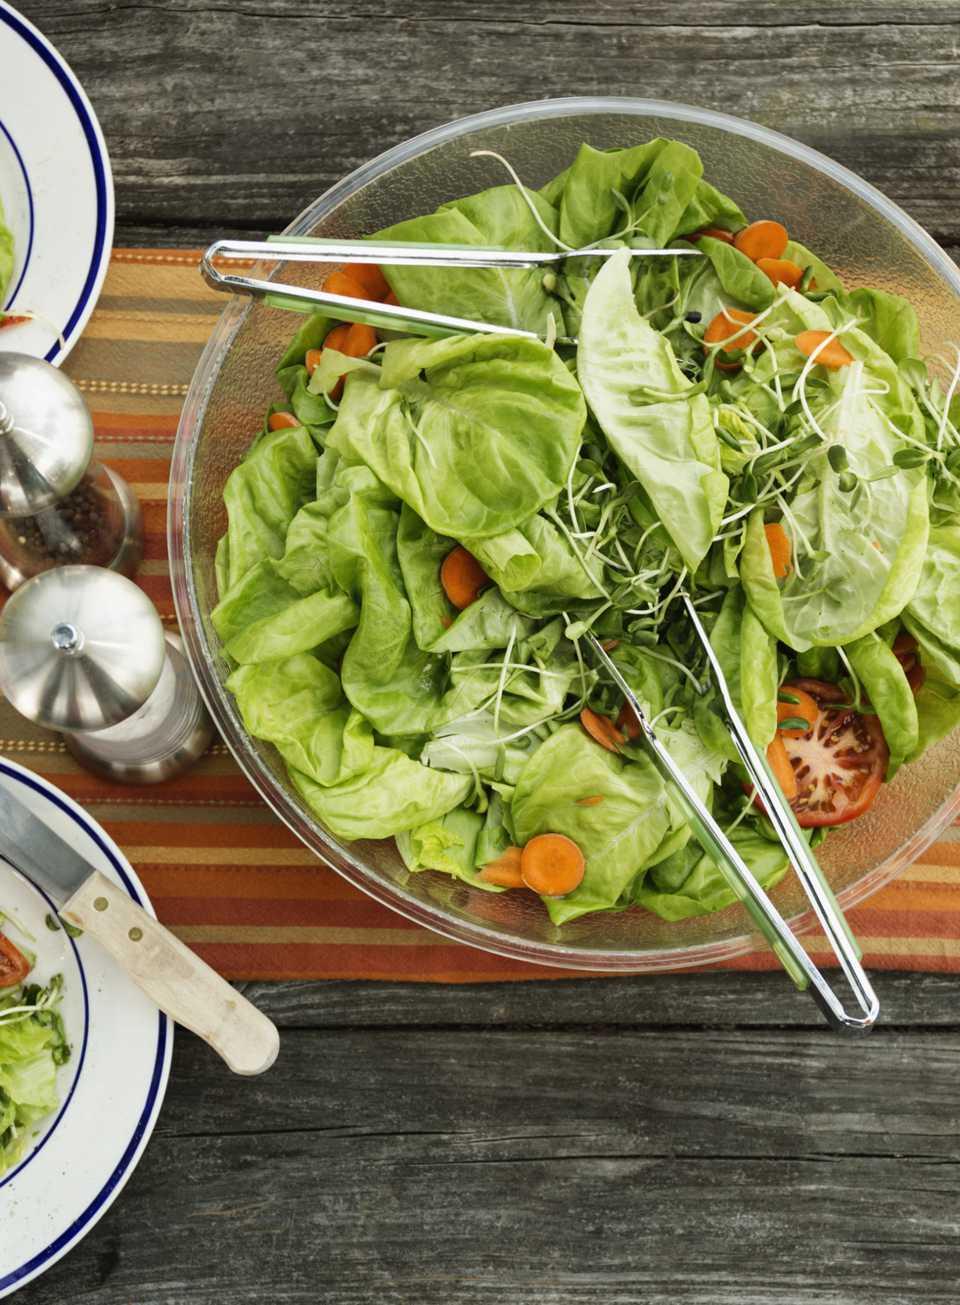 Aderezo de ensalada alemana para ensalada de lechuga (Salsa de salsa)